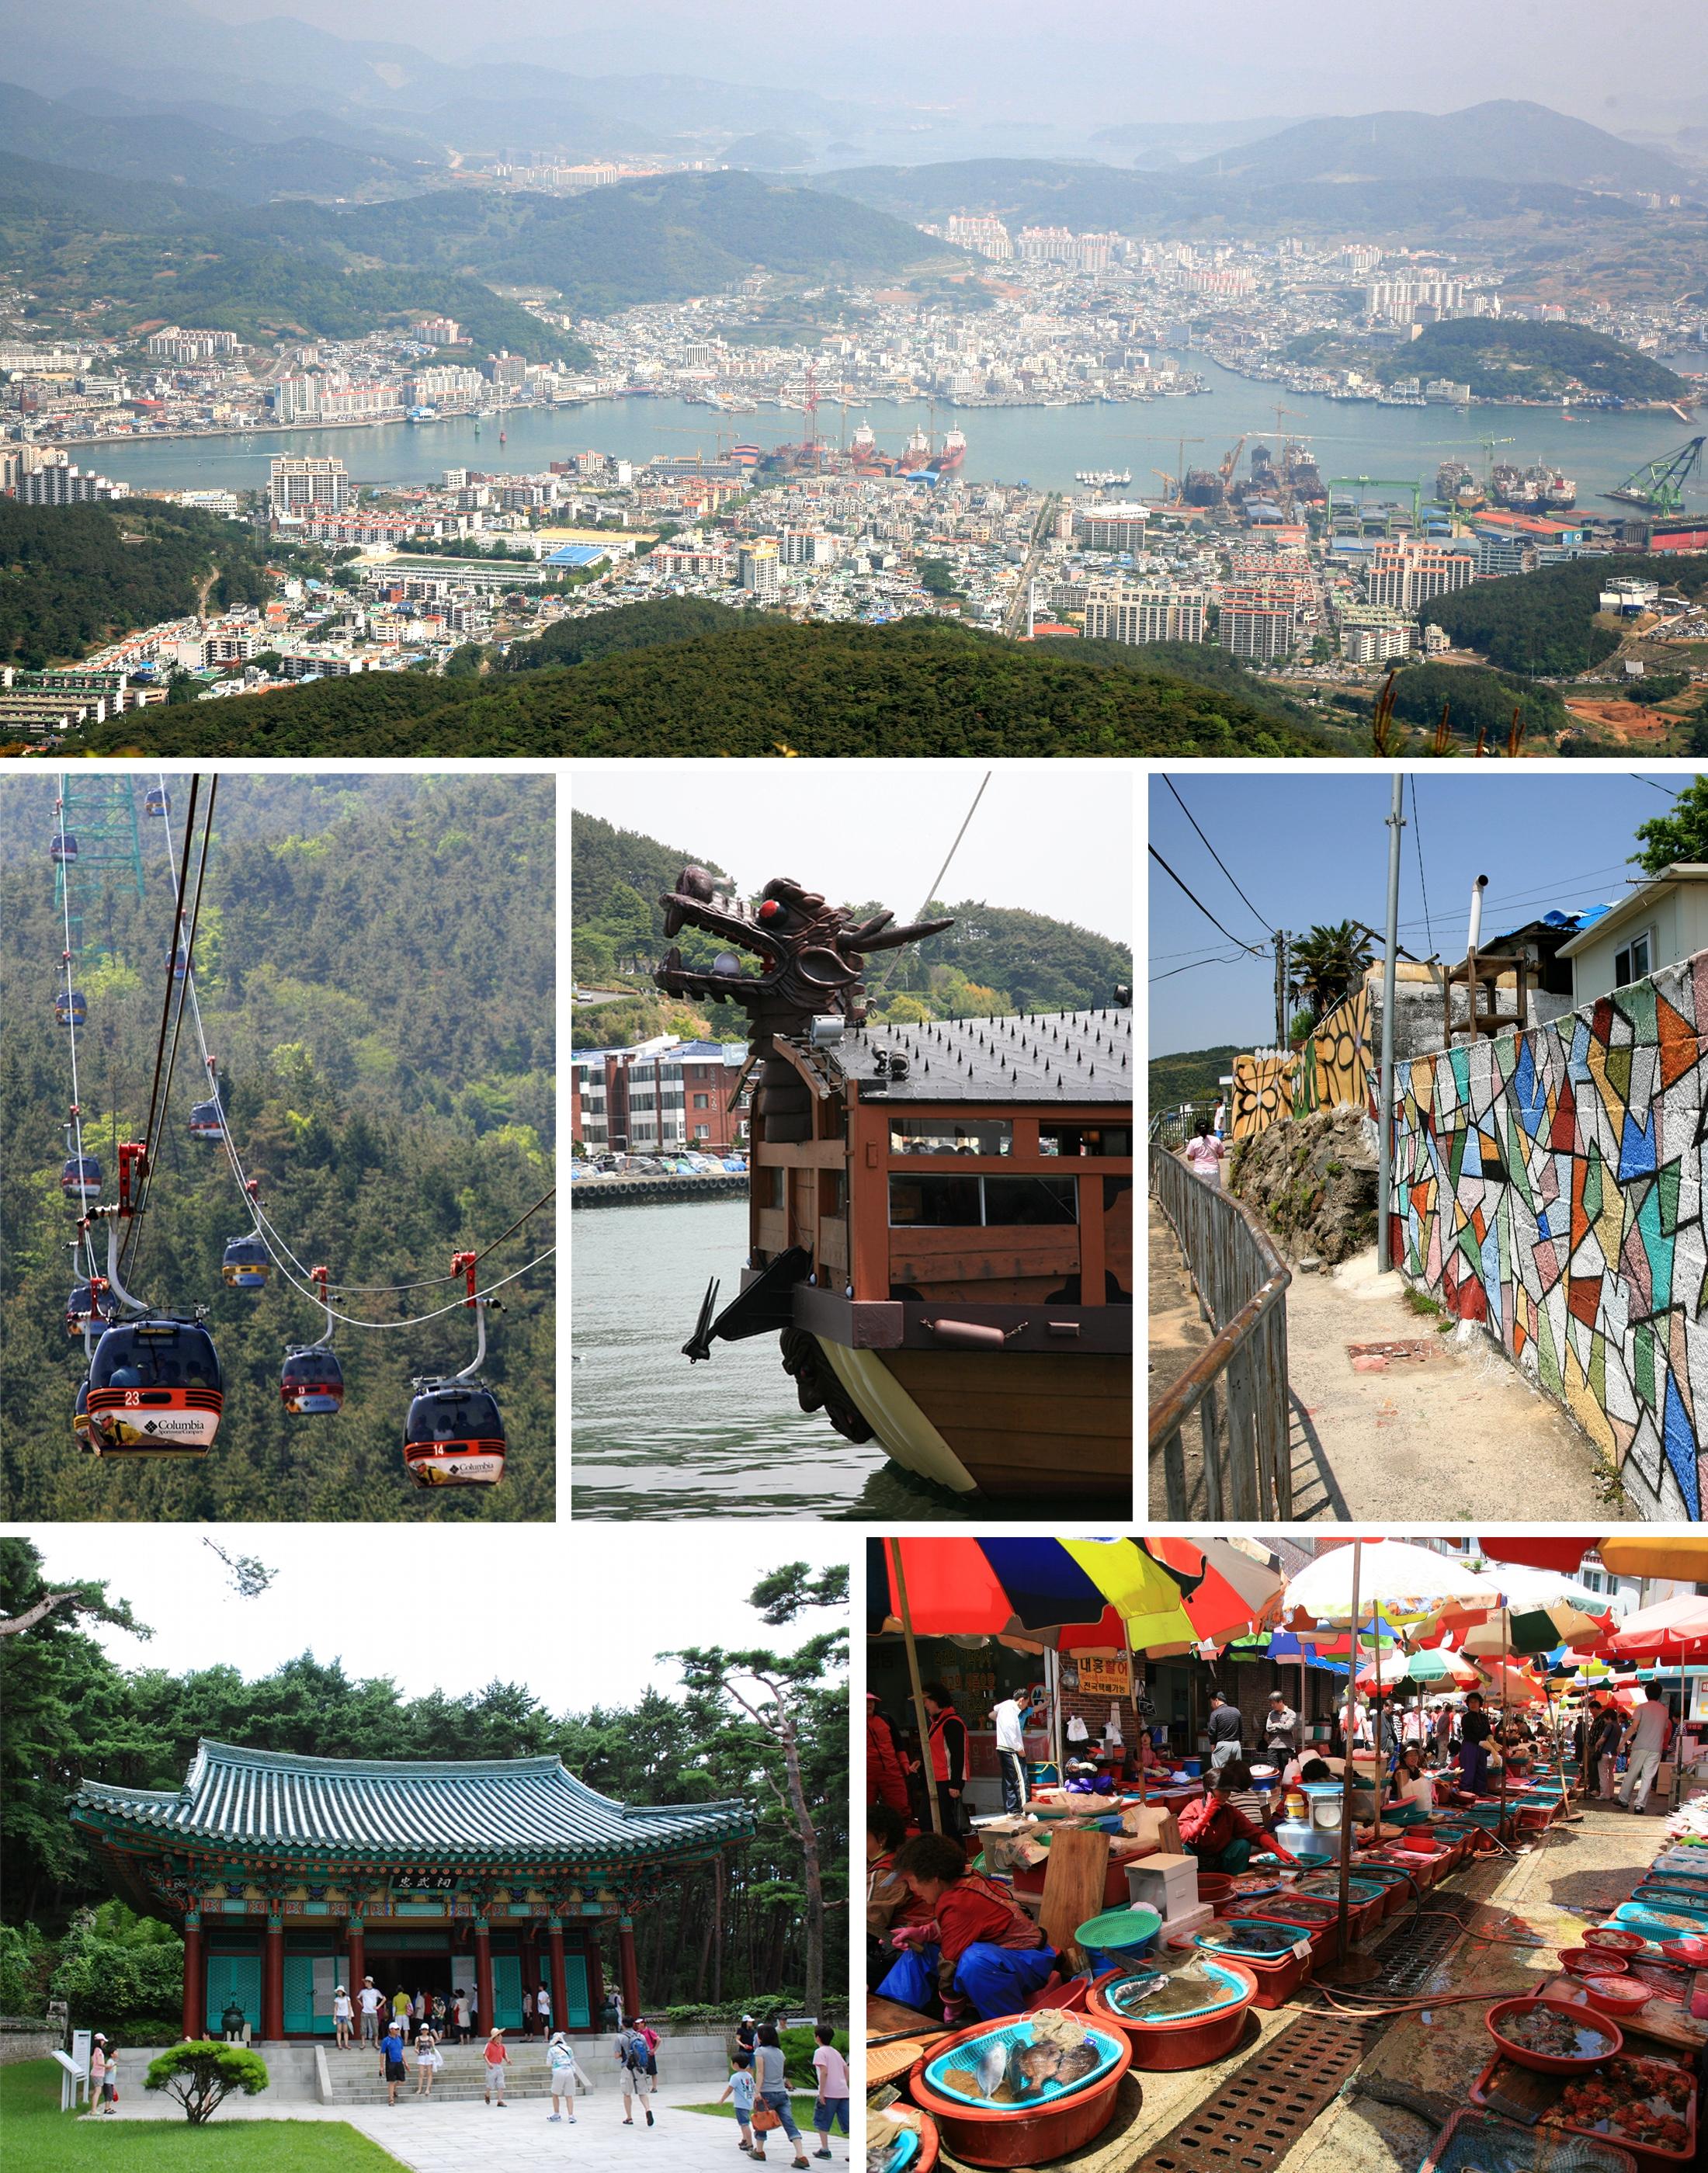 Tongyeong-si South Korea  city images : Description Korea Tongyeong Collage 01